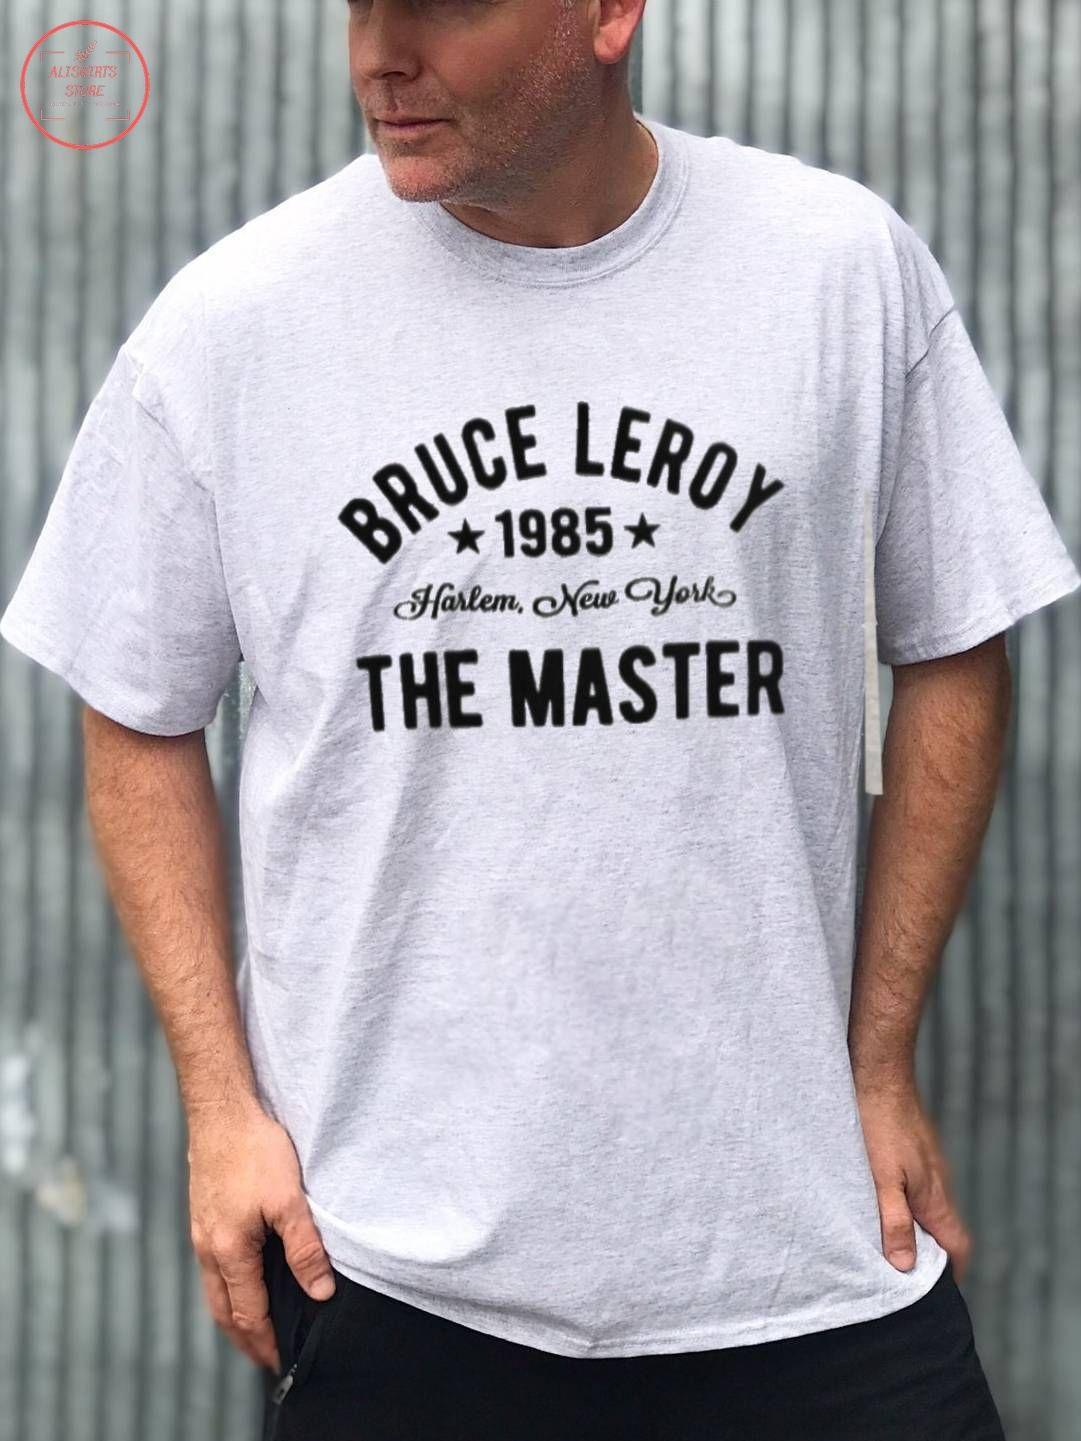 The Last Dragon Bruce Leroy Harlem 1985 shirt